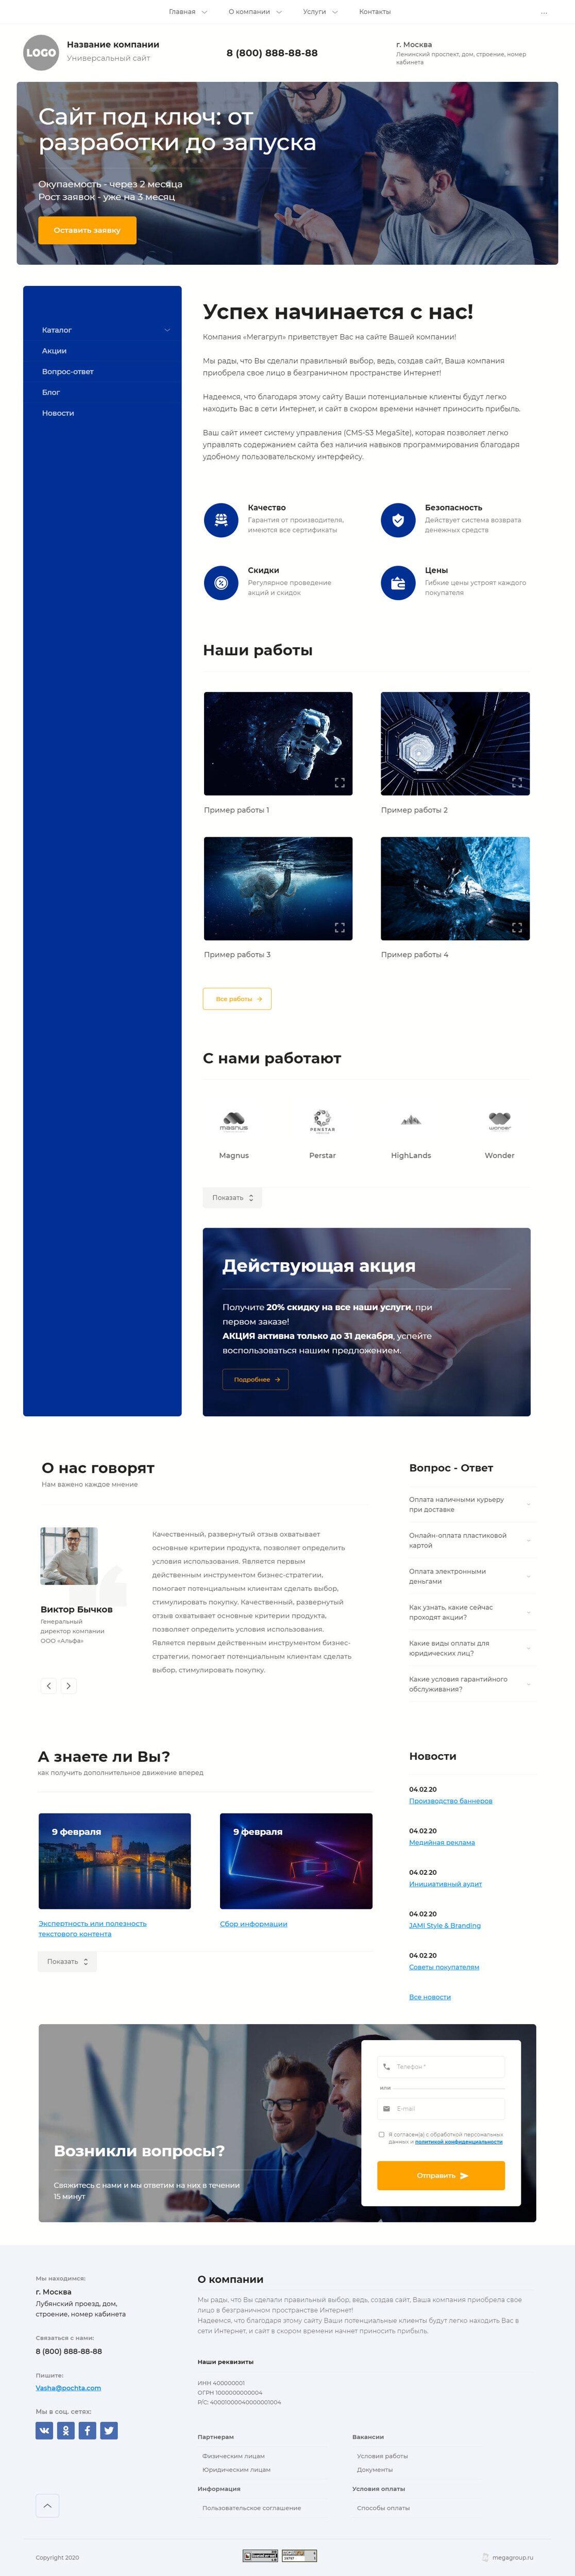 Готовый Сайт-Бизнес № 2908149 - Универсальный дизайн (Главная версия)